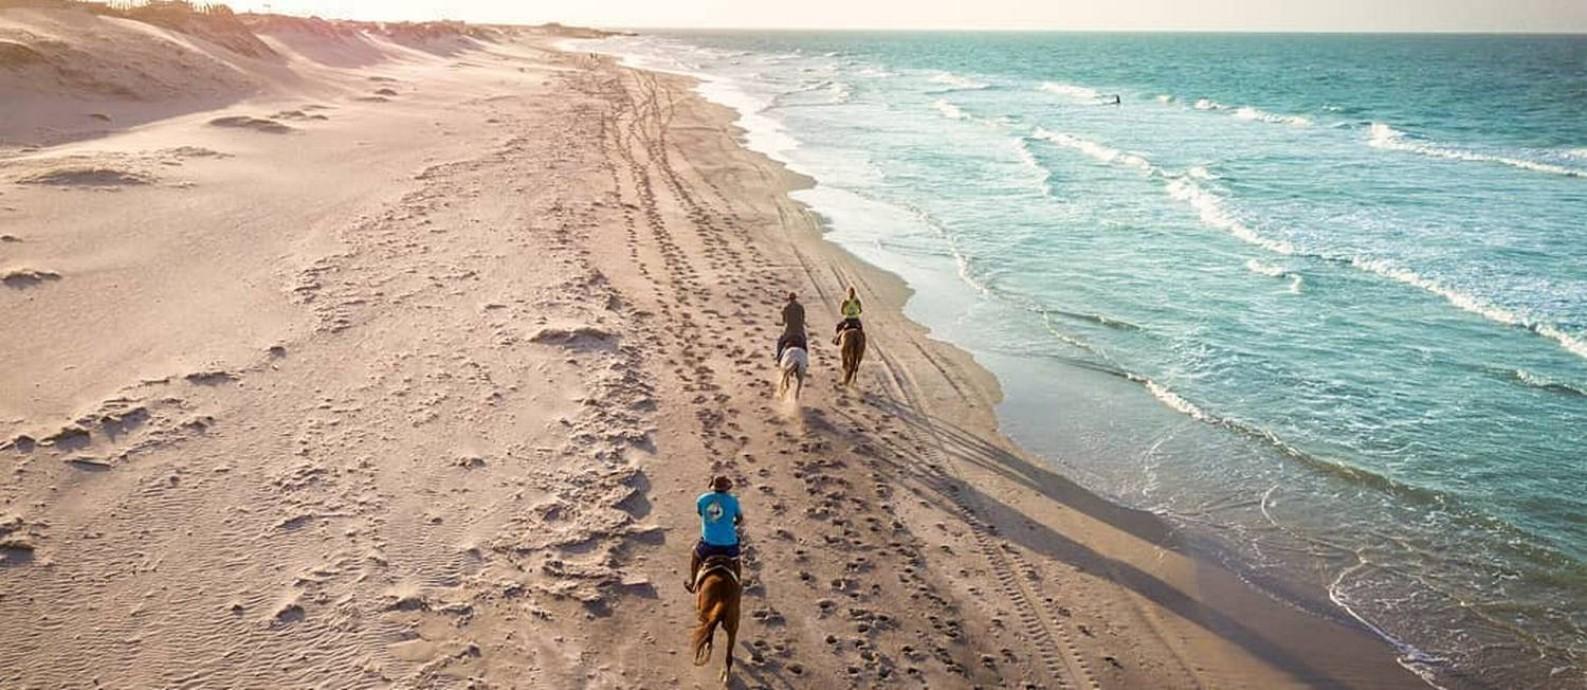 Cavalgadas em praia em Fortim, um dos destaques de roteiro no litoral do Ceará Foto: Divulgação